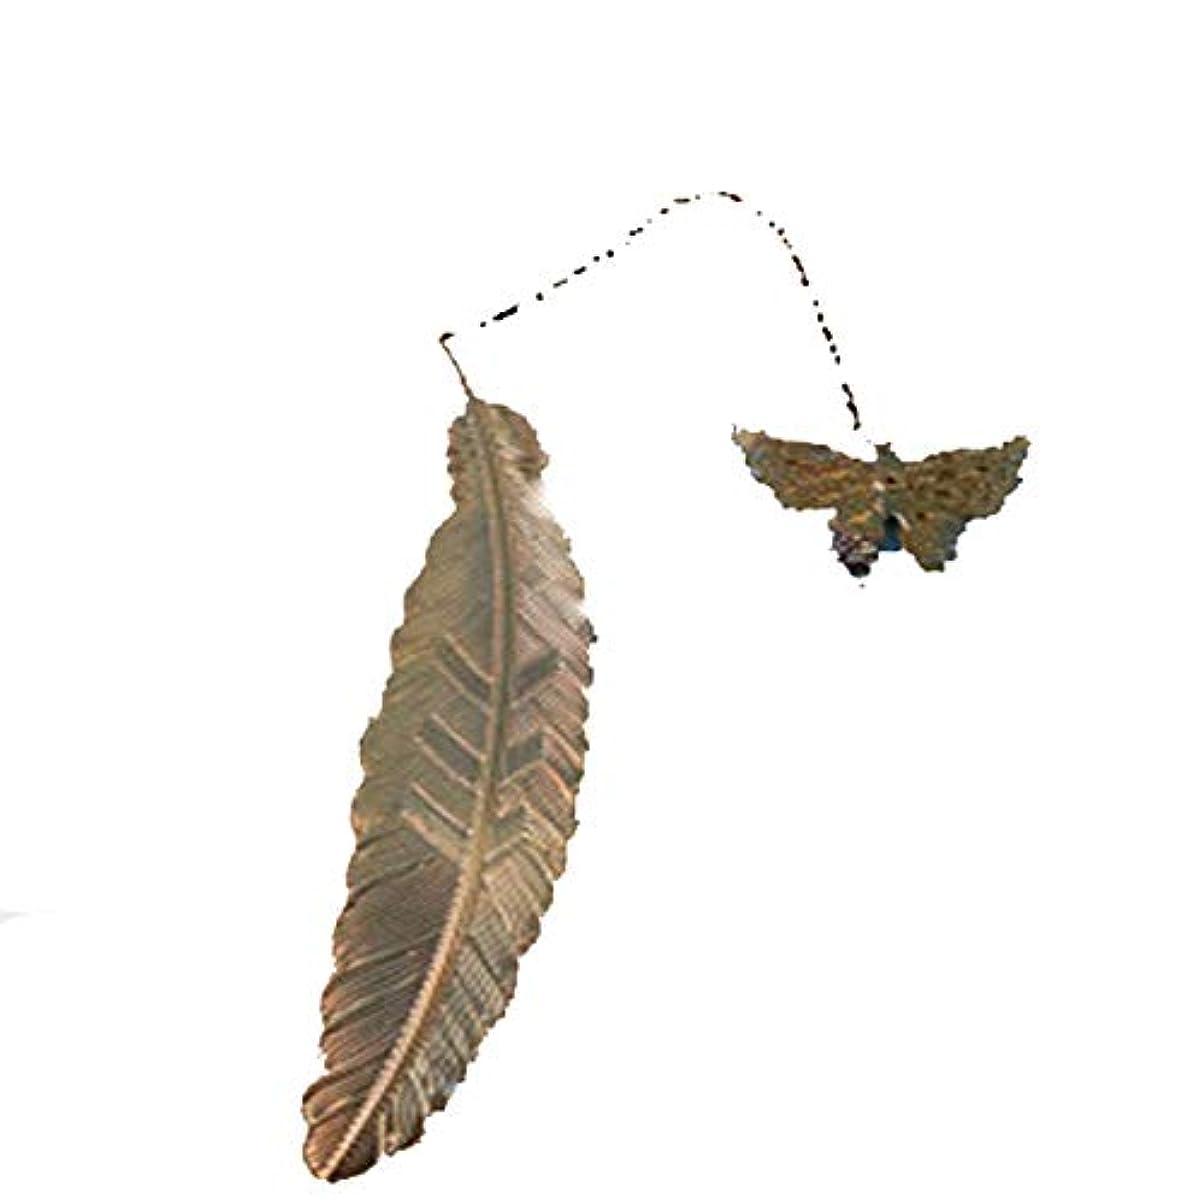 第九腐った精査Aishanghuayi 520ギフト学校贈り物誕生日プレゼント女の子のバレンタインデープレゼントガールフレンドの創造的な揺れの声実用的な贈り物Jinyu + Butterfly + Gift Box,ファッションオーナメント...